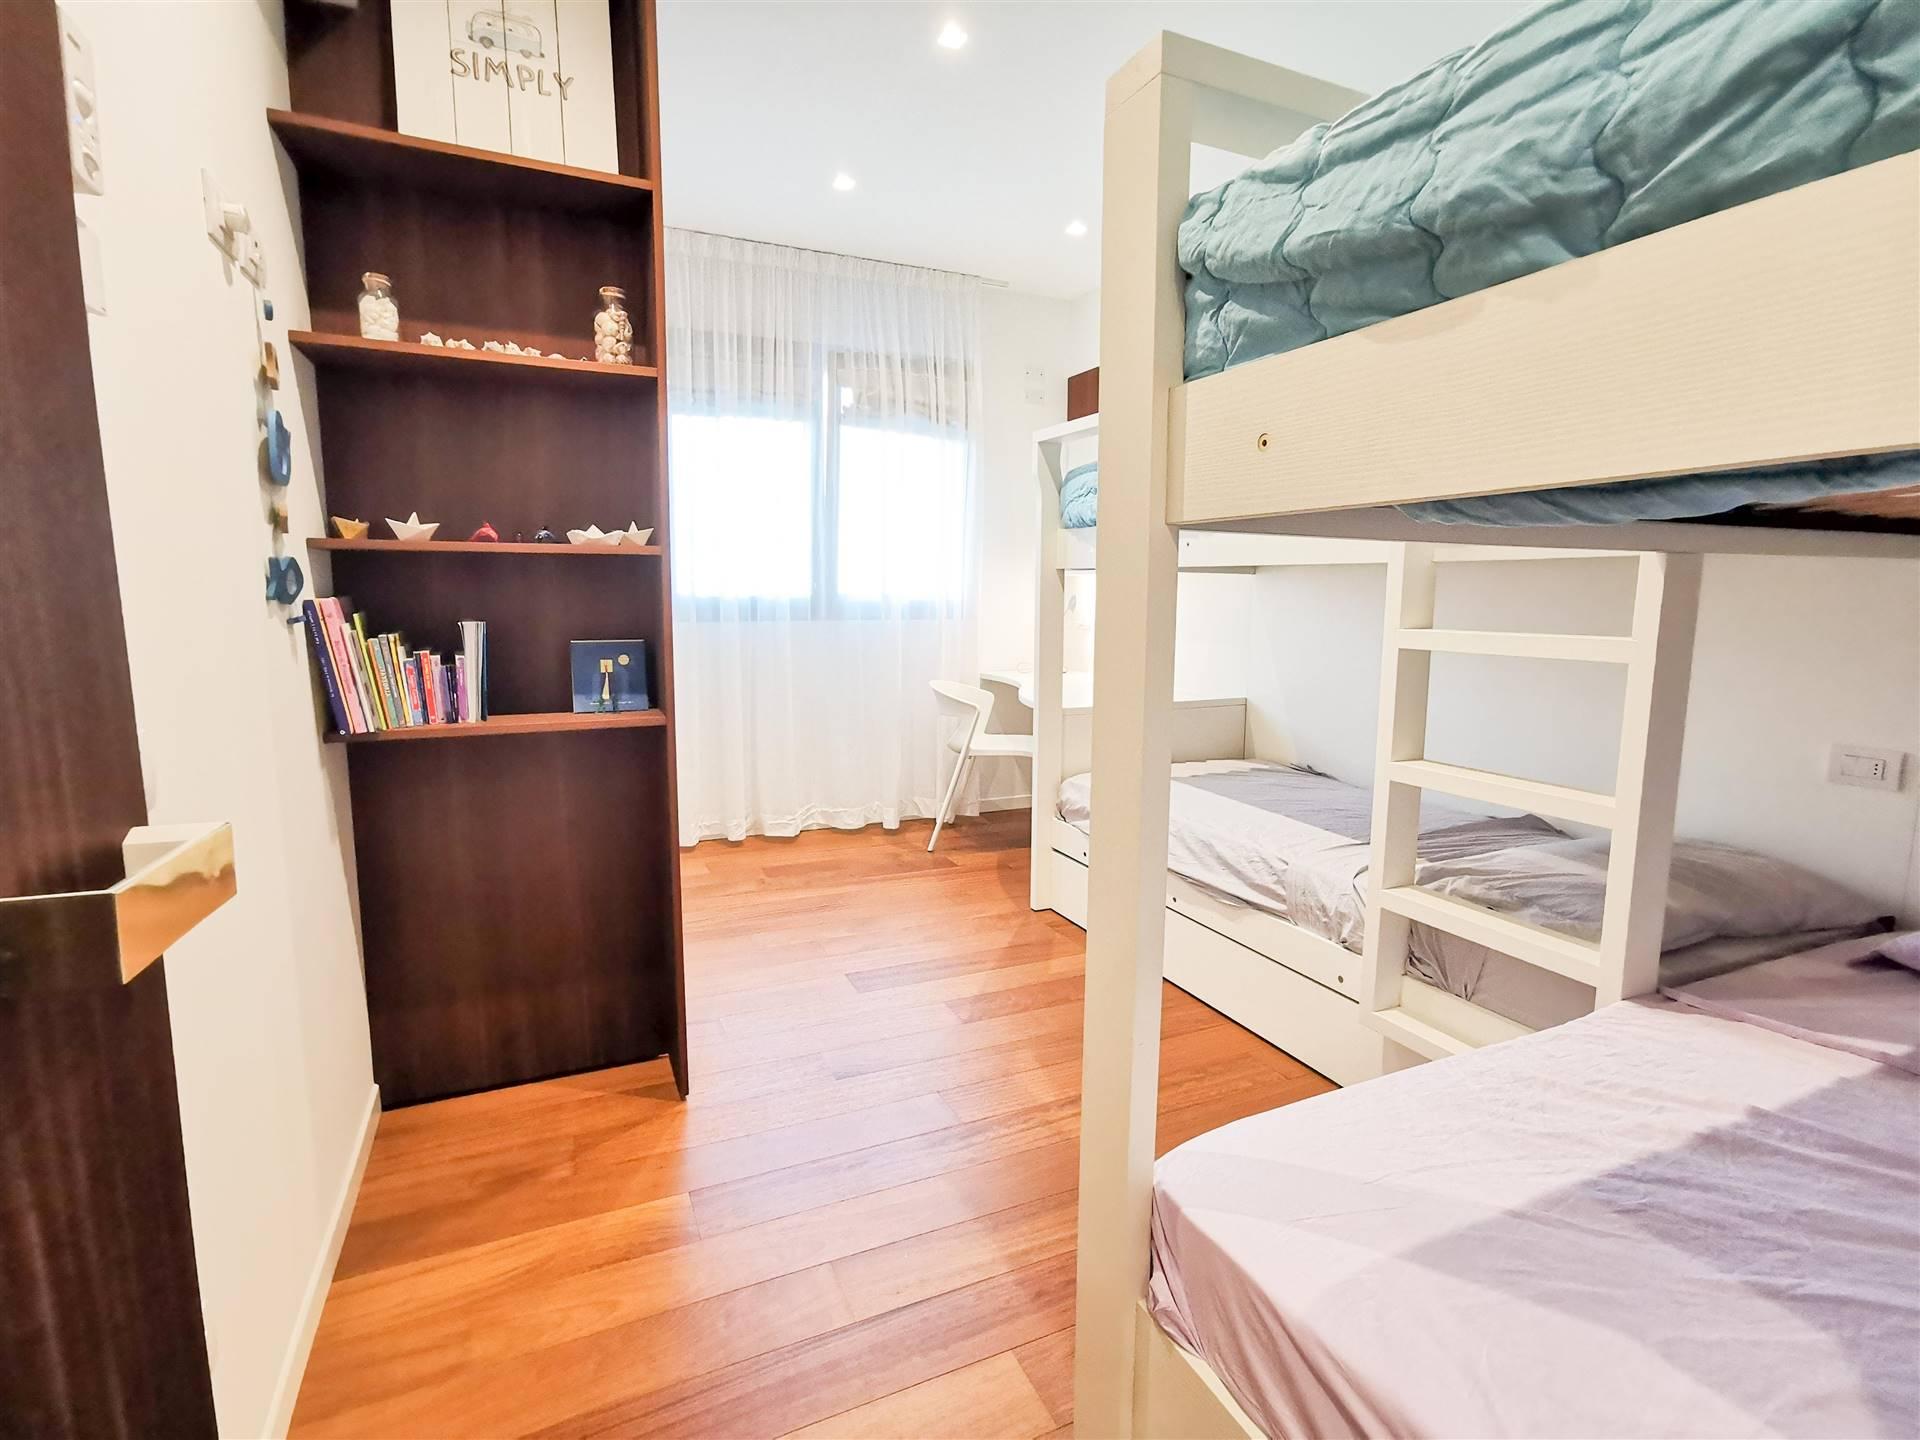 JESOLO Appartamento con due camere signorile con domotica Foto 15